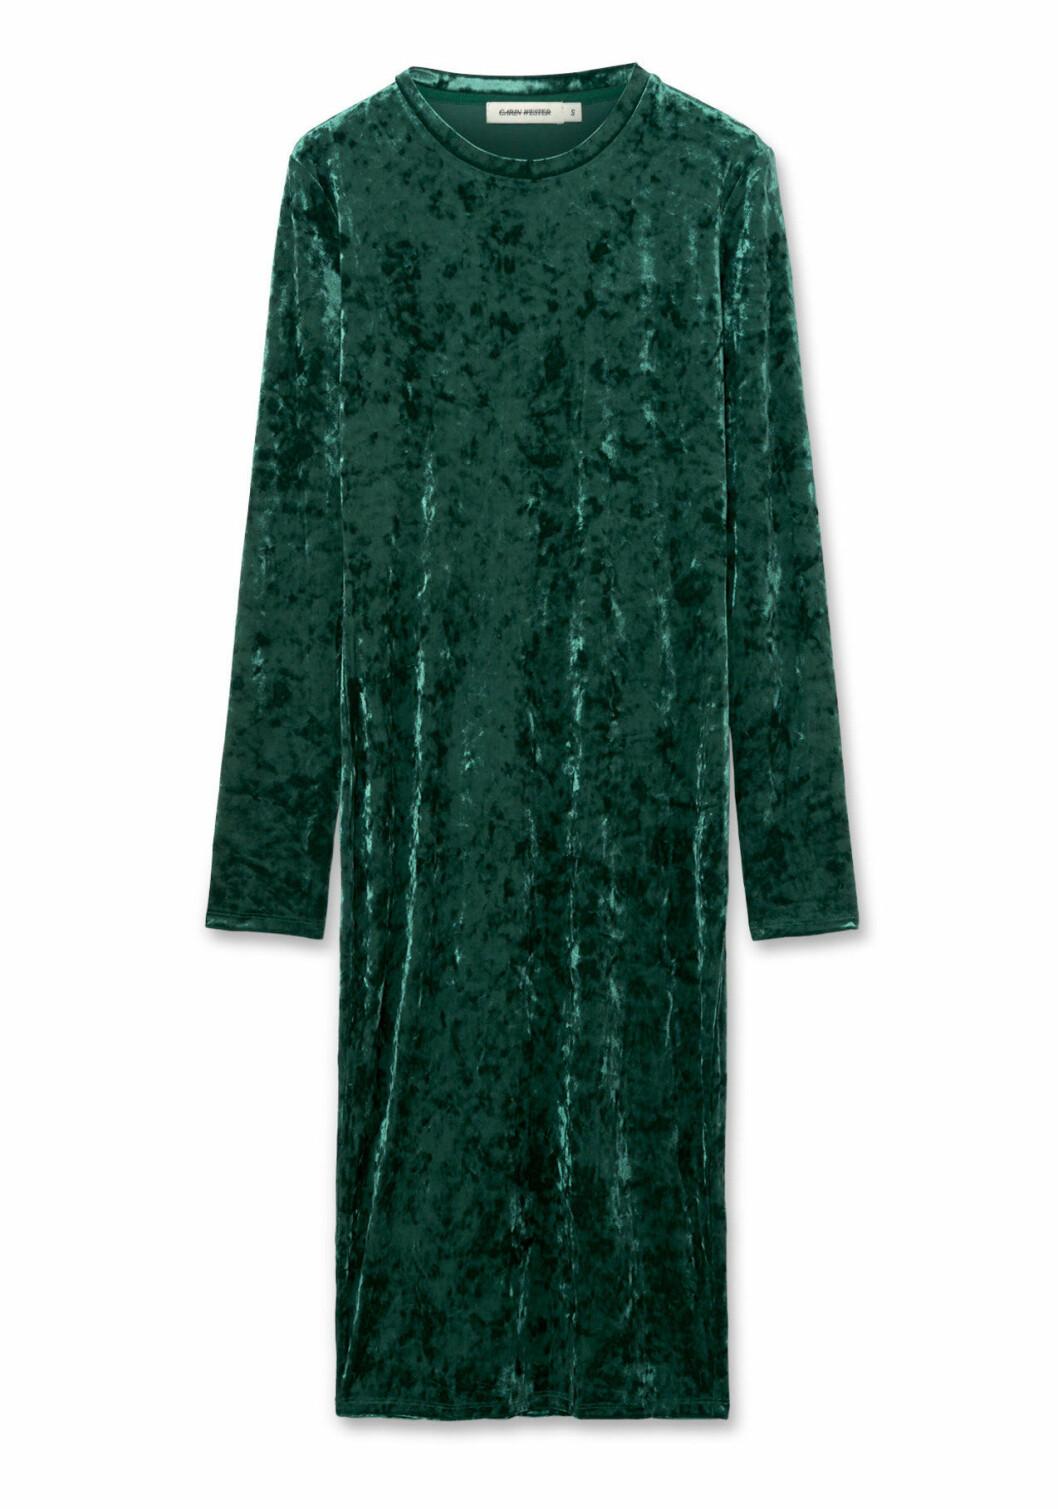 Grön sammetsklänning med lång ärm